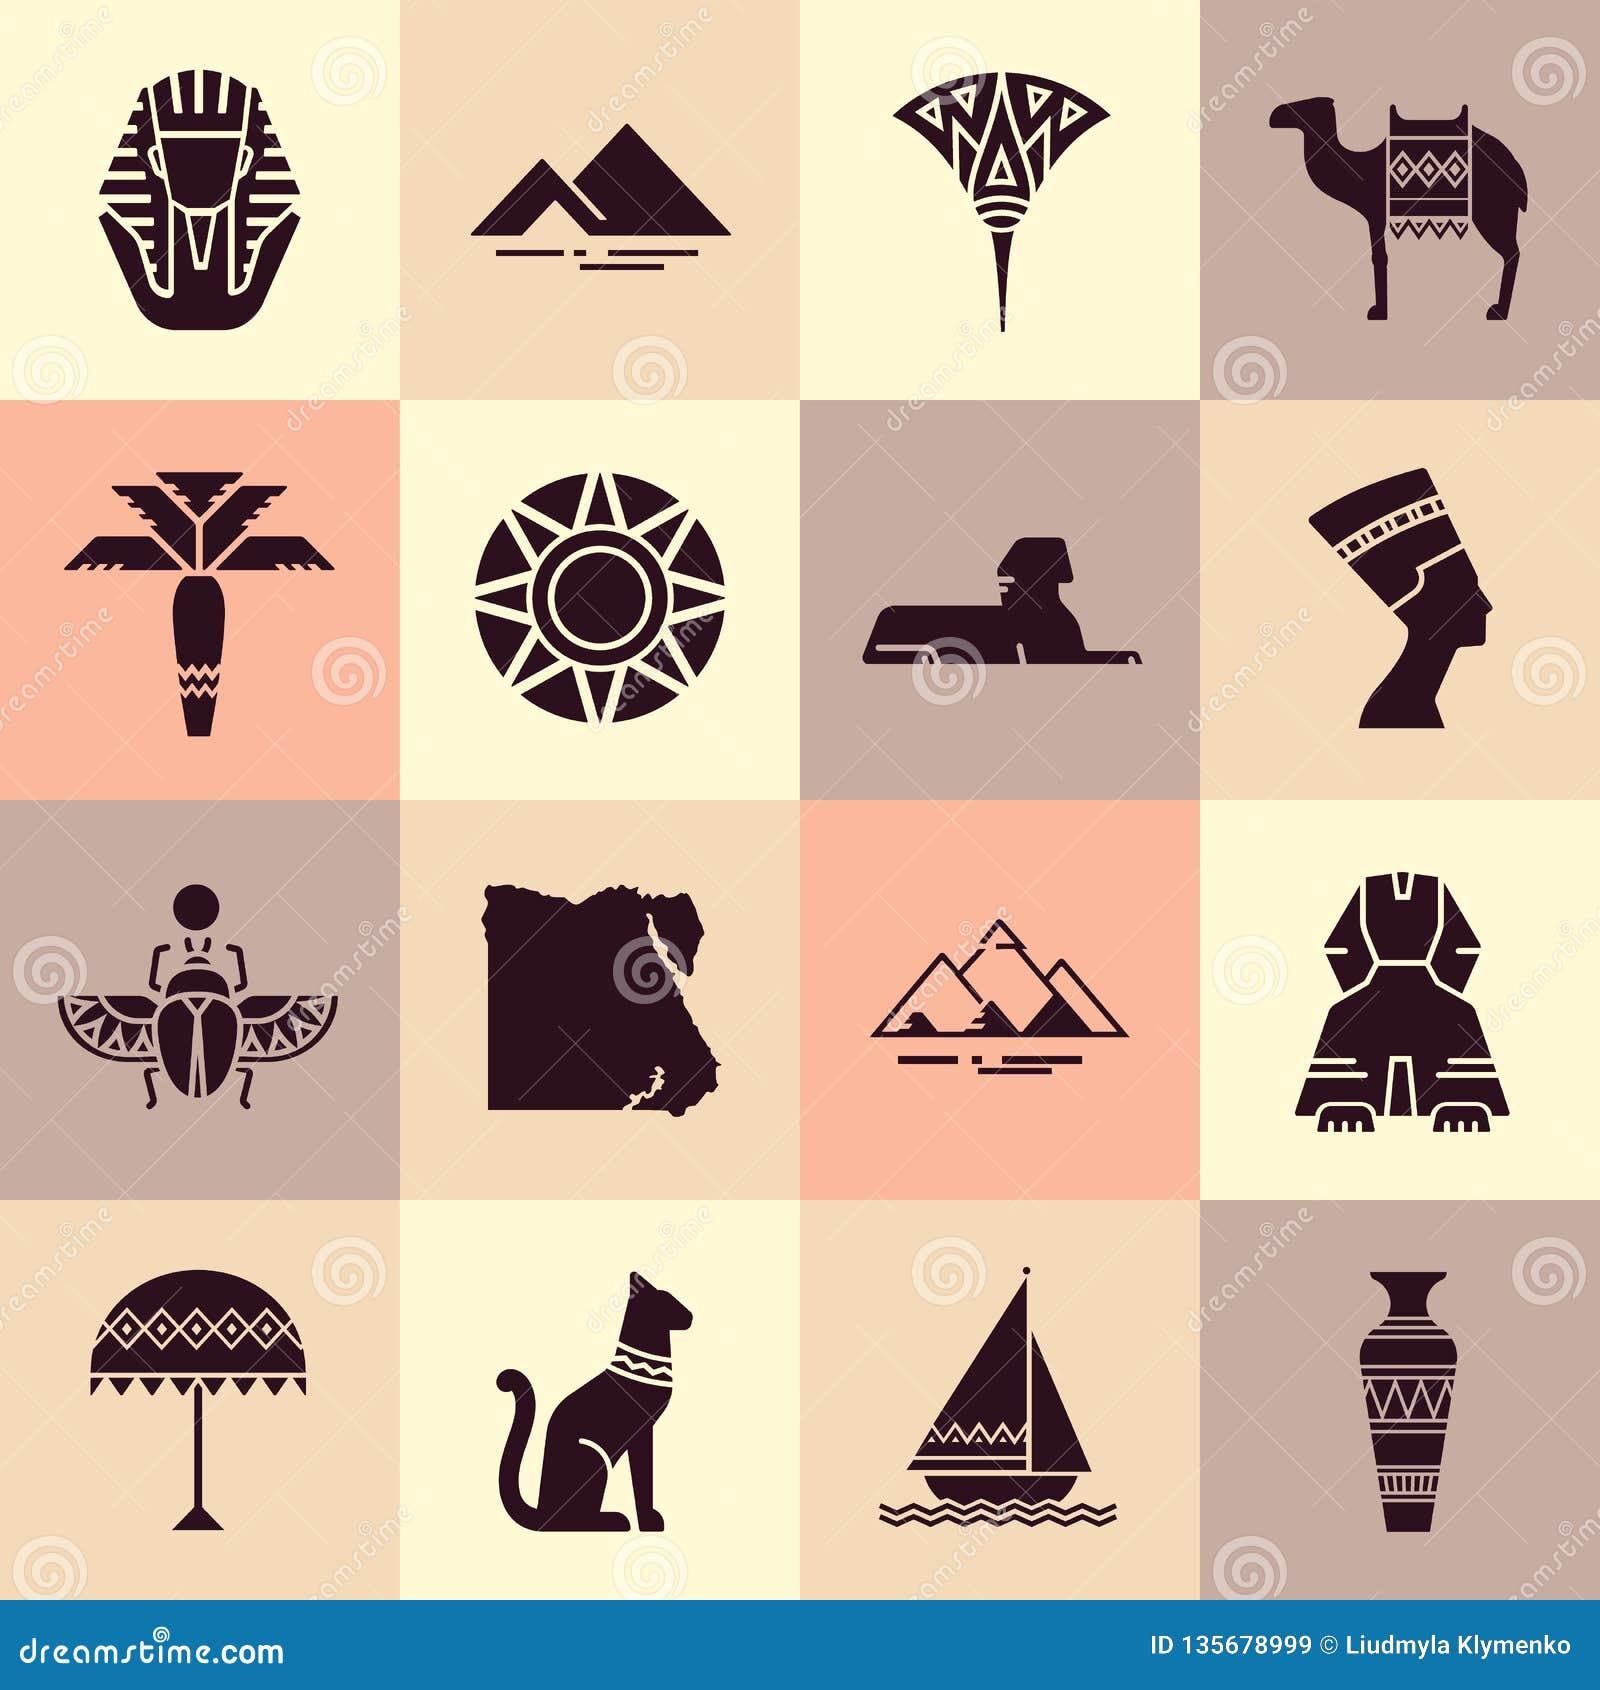 Σύνολο εικονιδίων στο ύφος του επίπεδου σχεδίου στο θέμα της Αιγύπτου